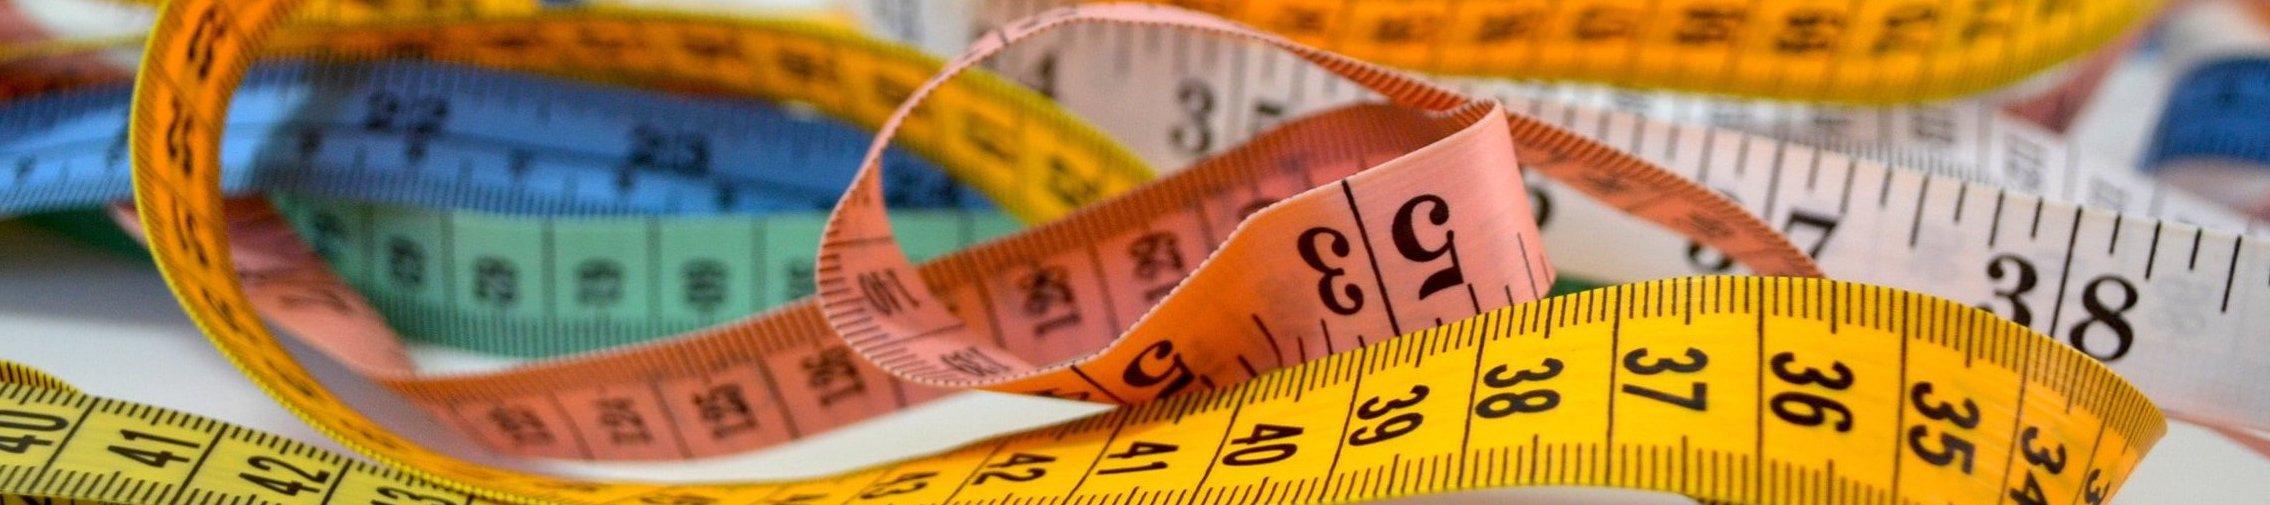 measurement 3.jpg